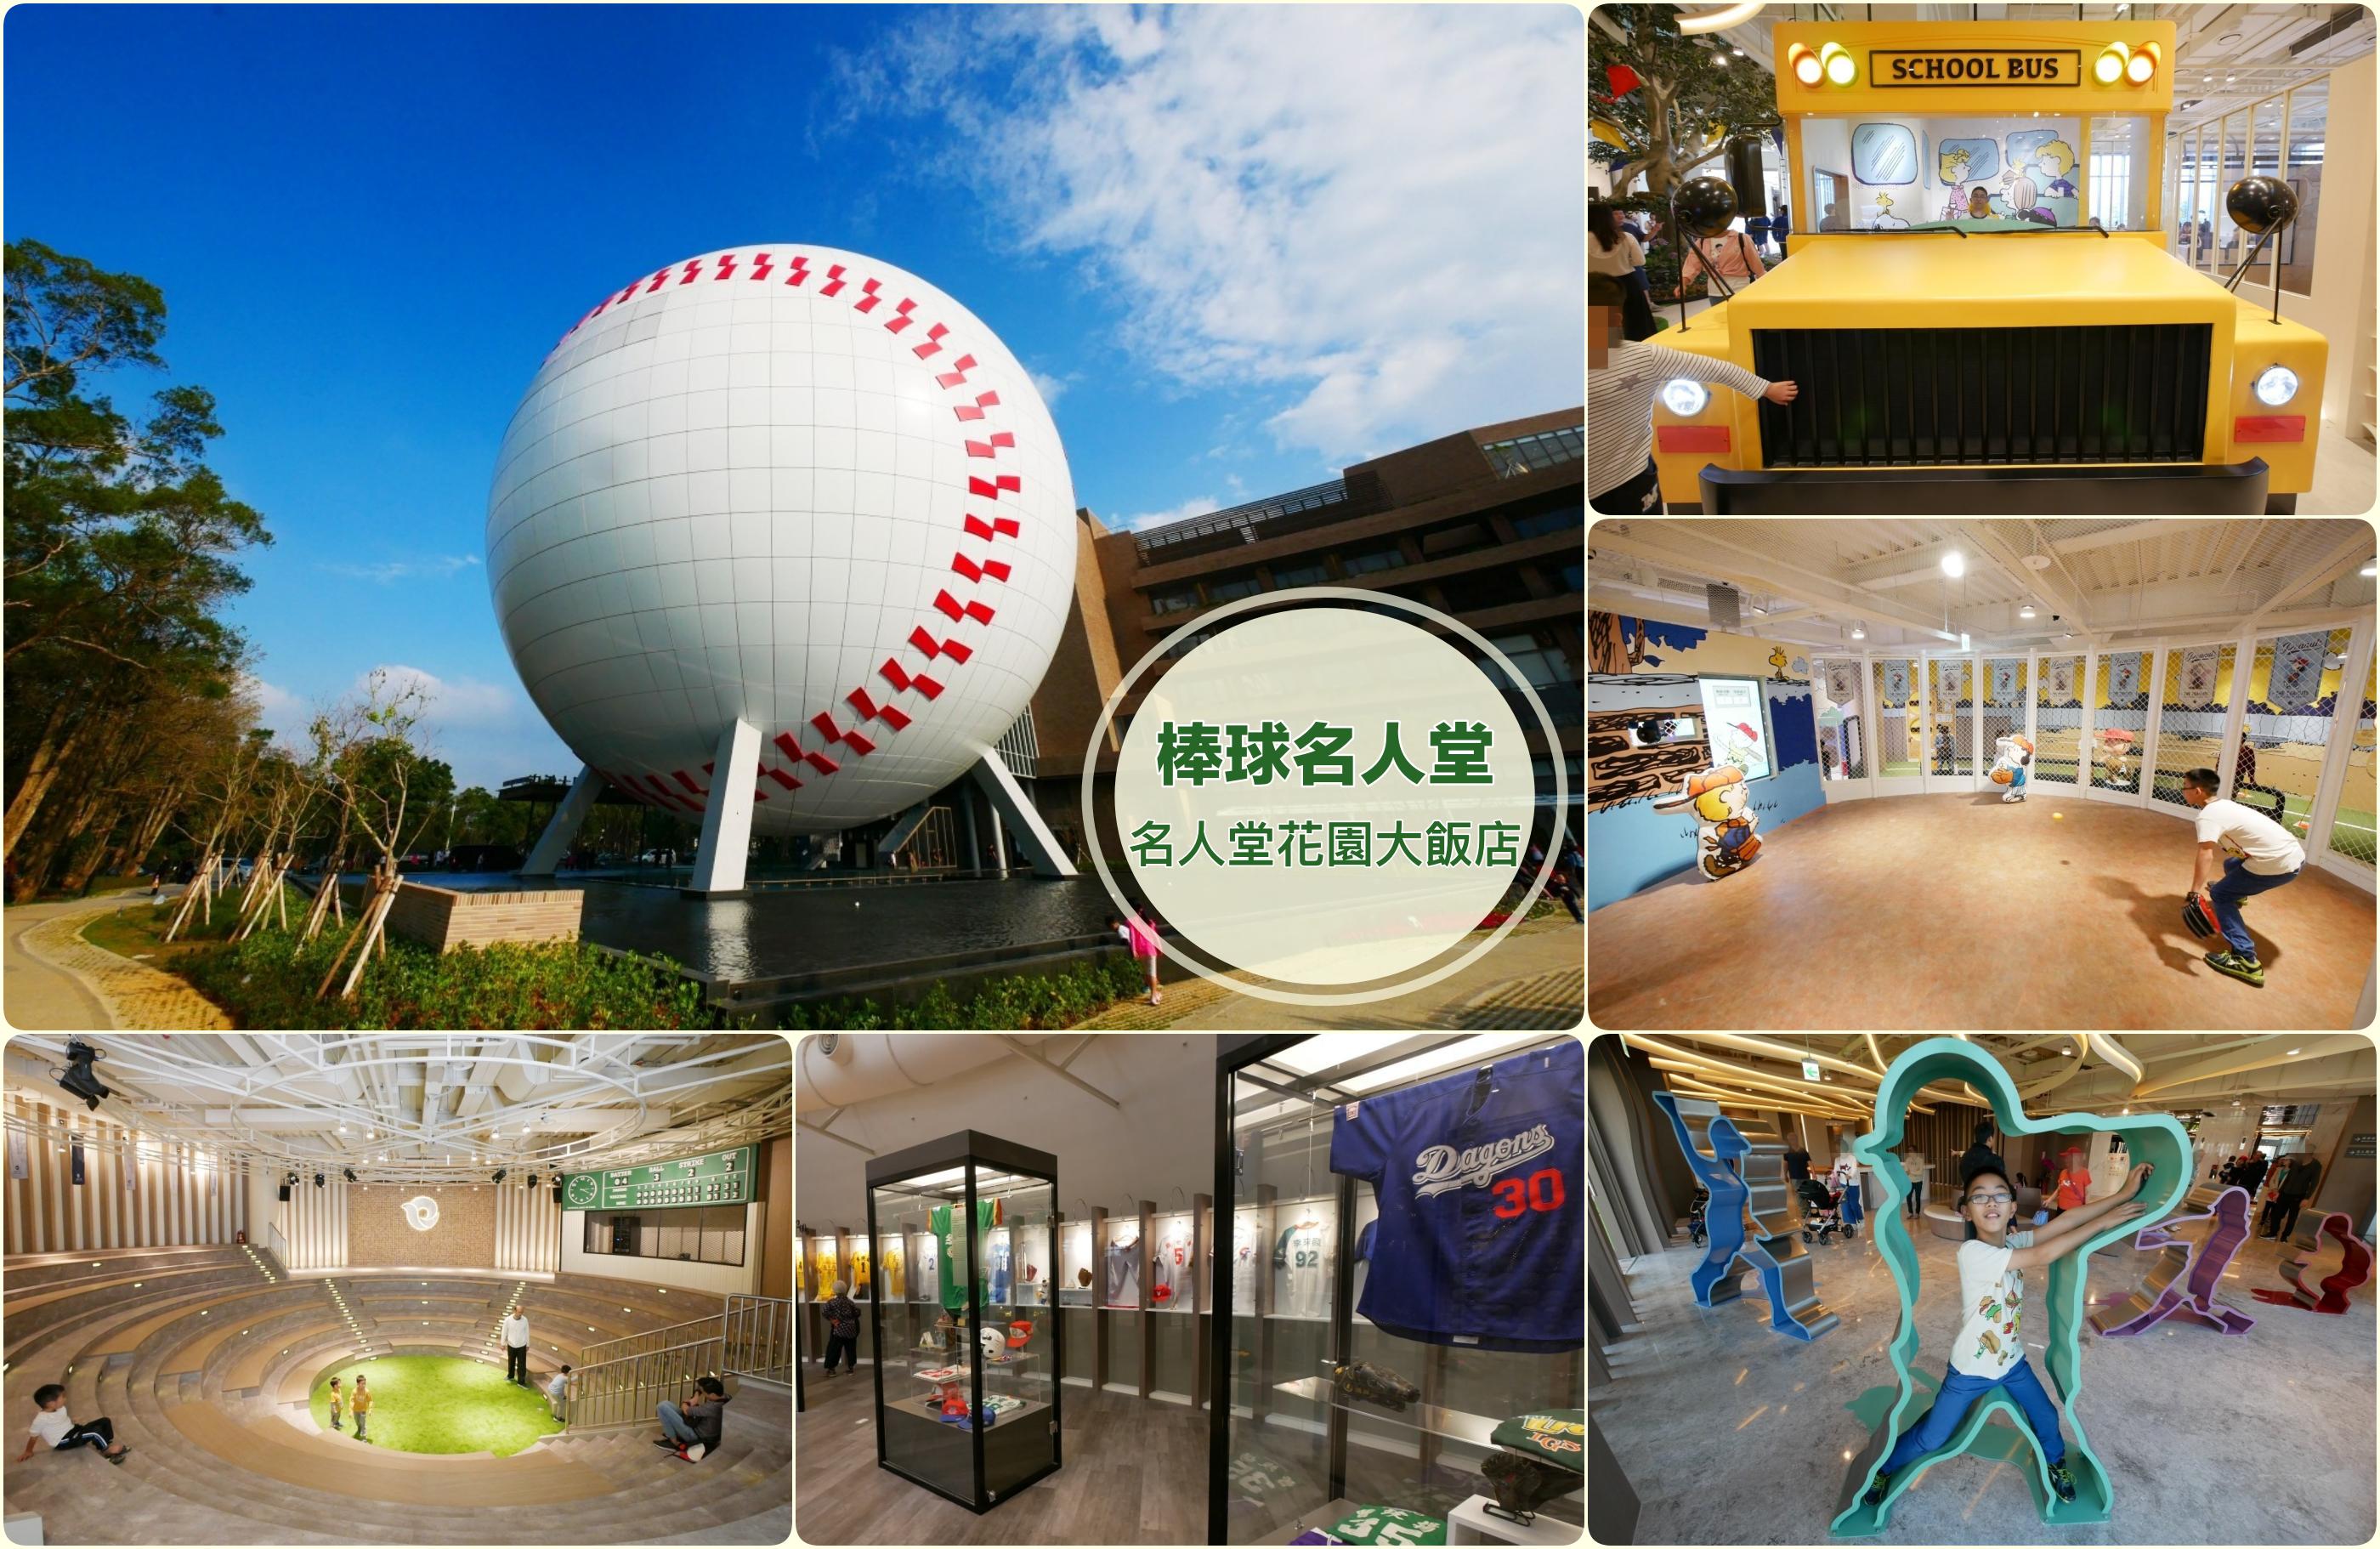 [龍潭景點]名人堂花園大飯店&棒球名人堂 龍潭棒球場附近 亞洲最大32公尺直徑球體建築 史努比與棒球 @VIVIYU小世界